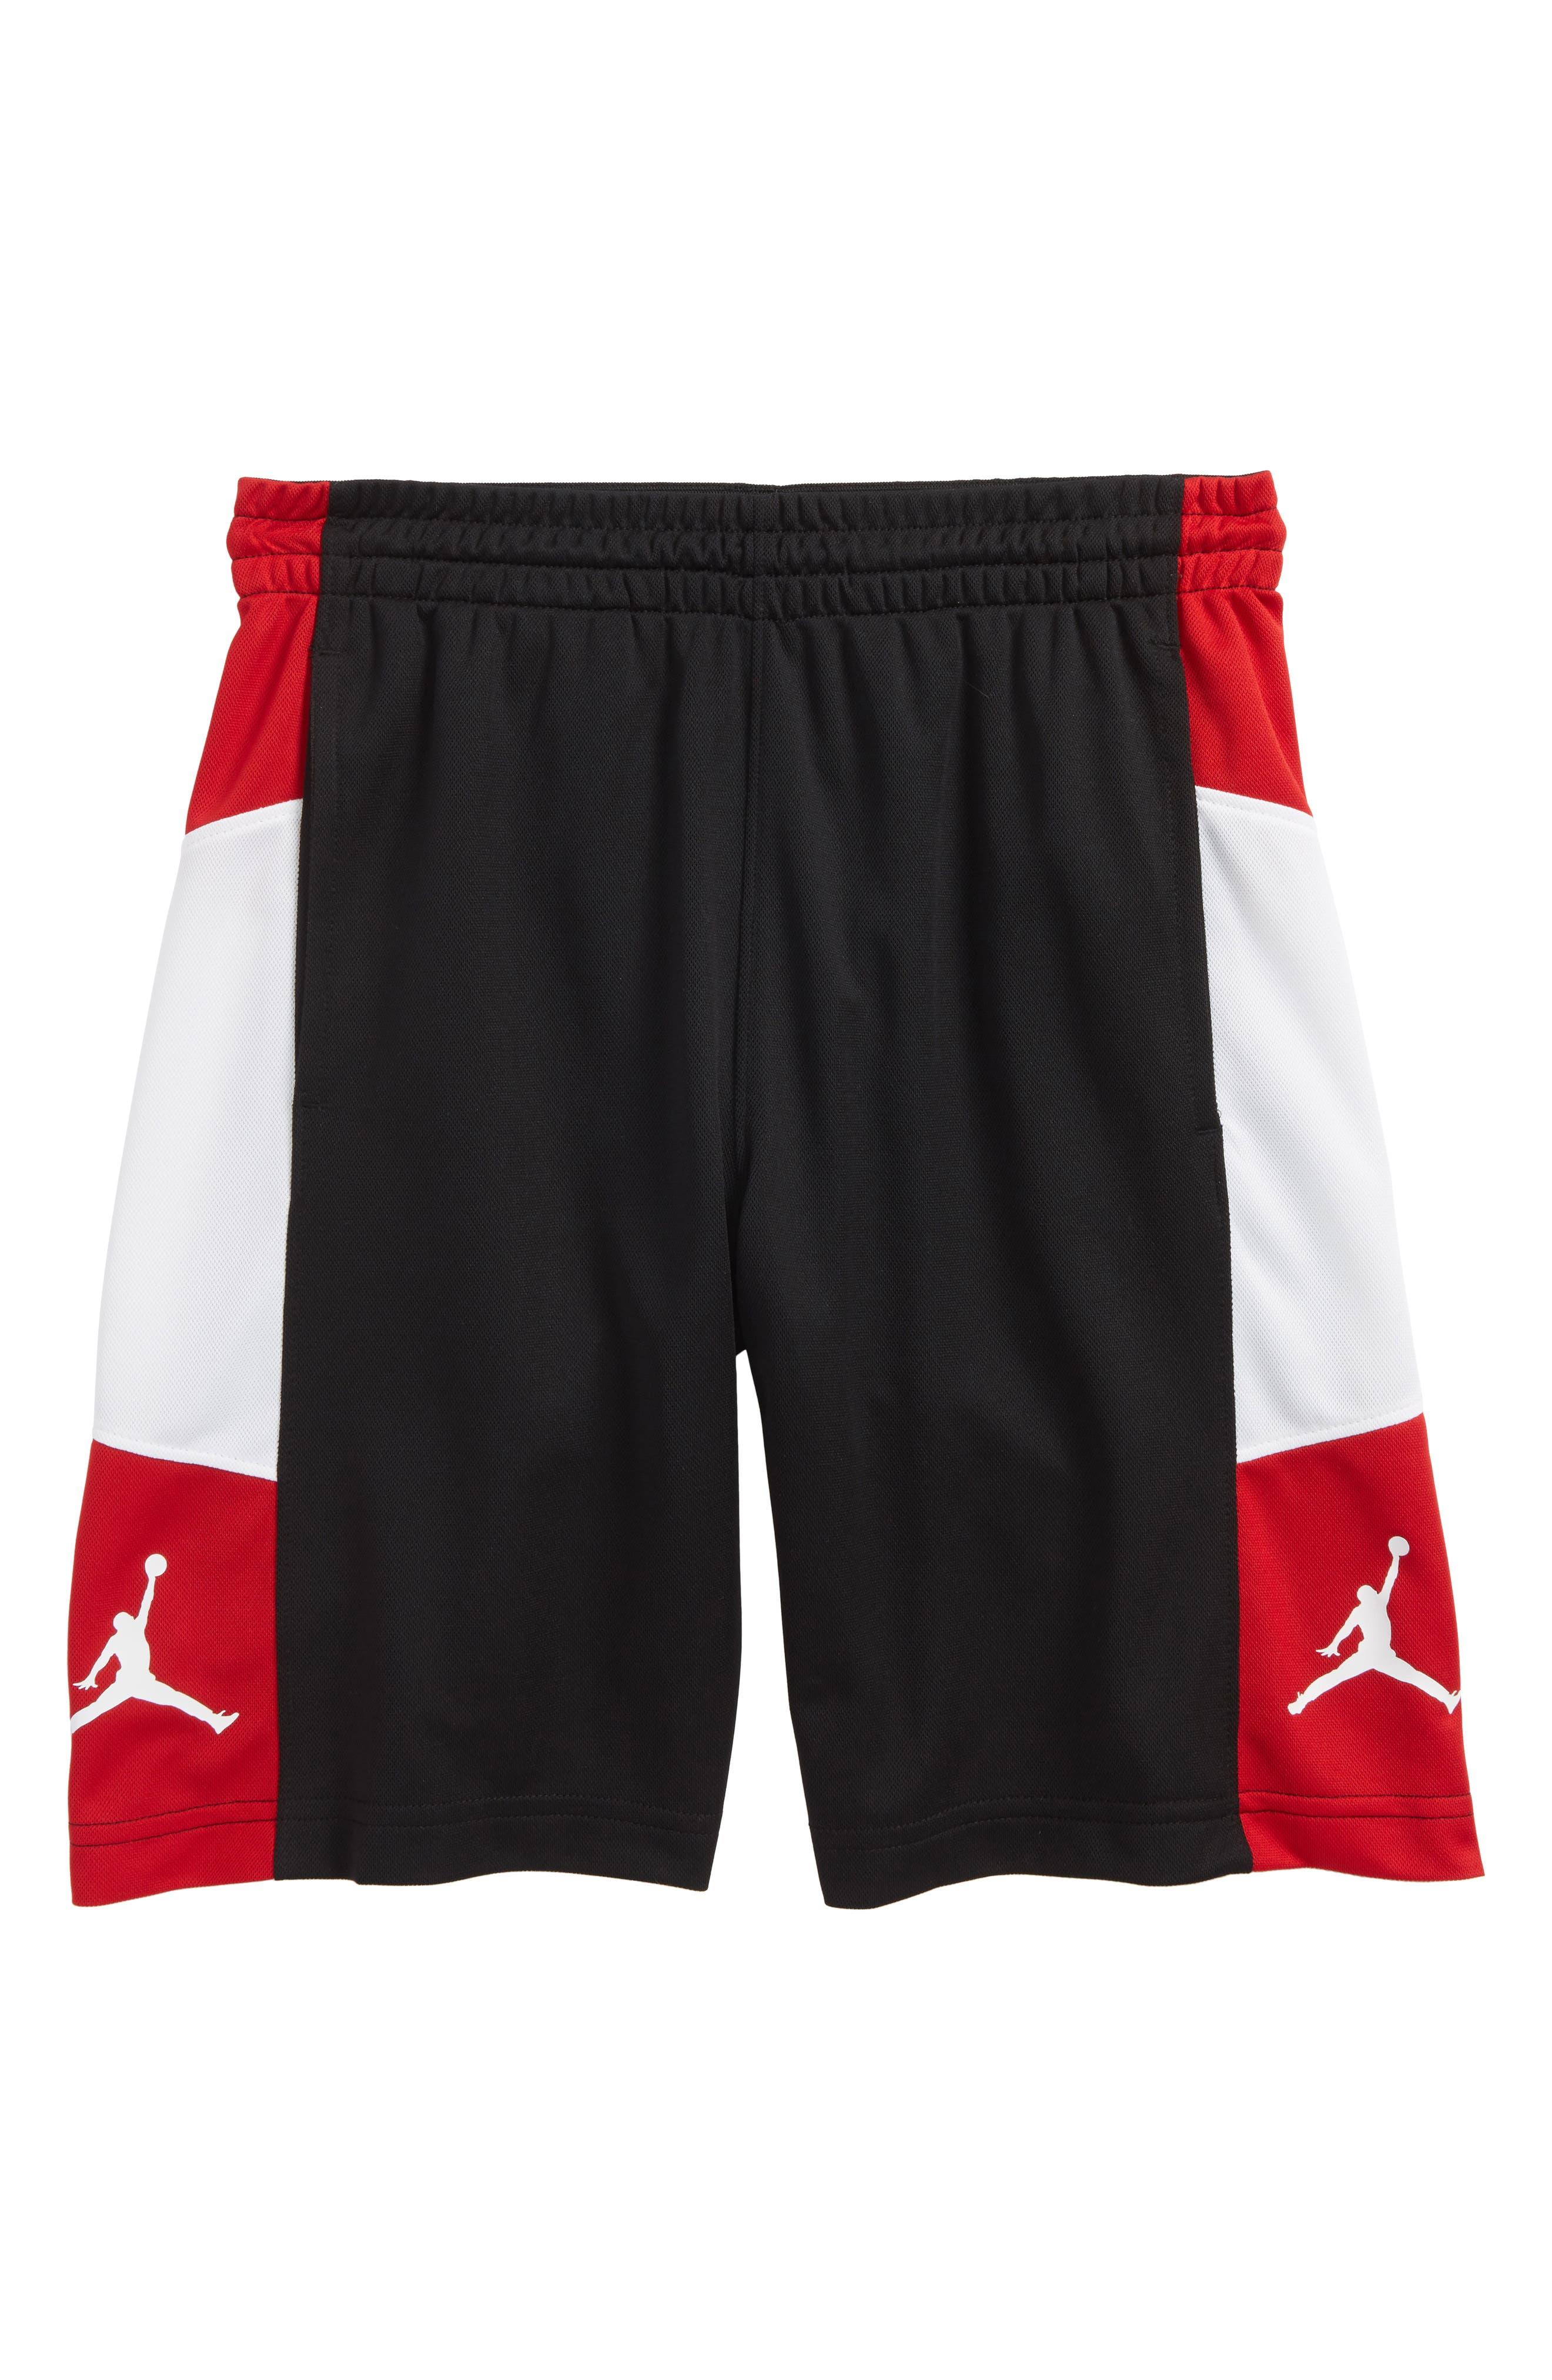 Jordan Elevate Shorts,                             Main thumbnail 1, color,                             Black